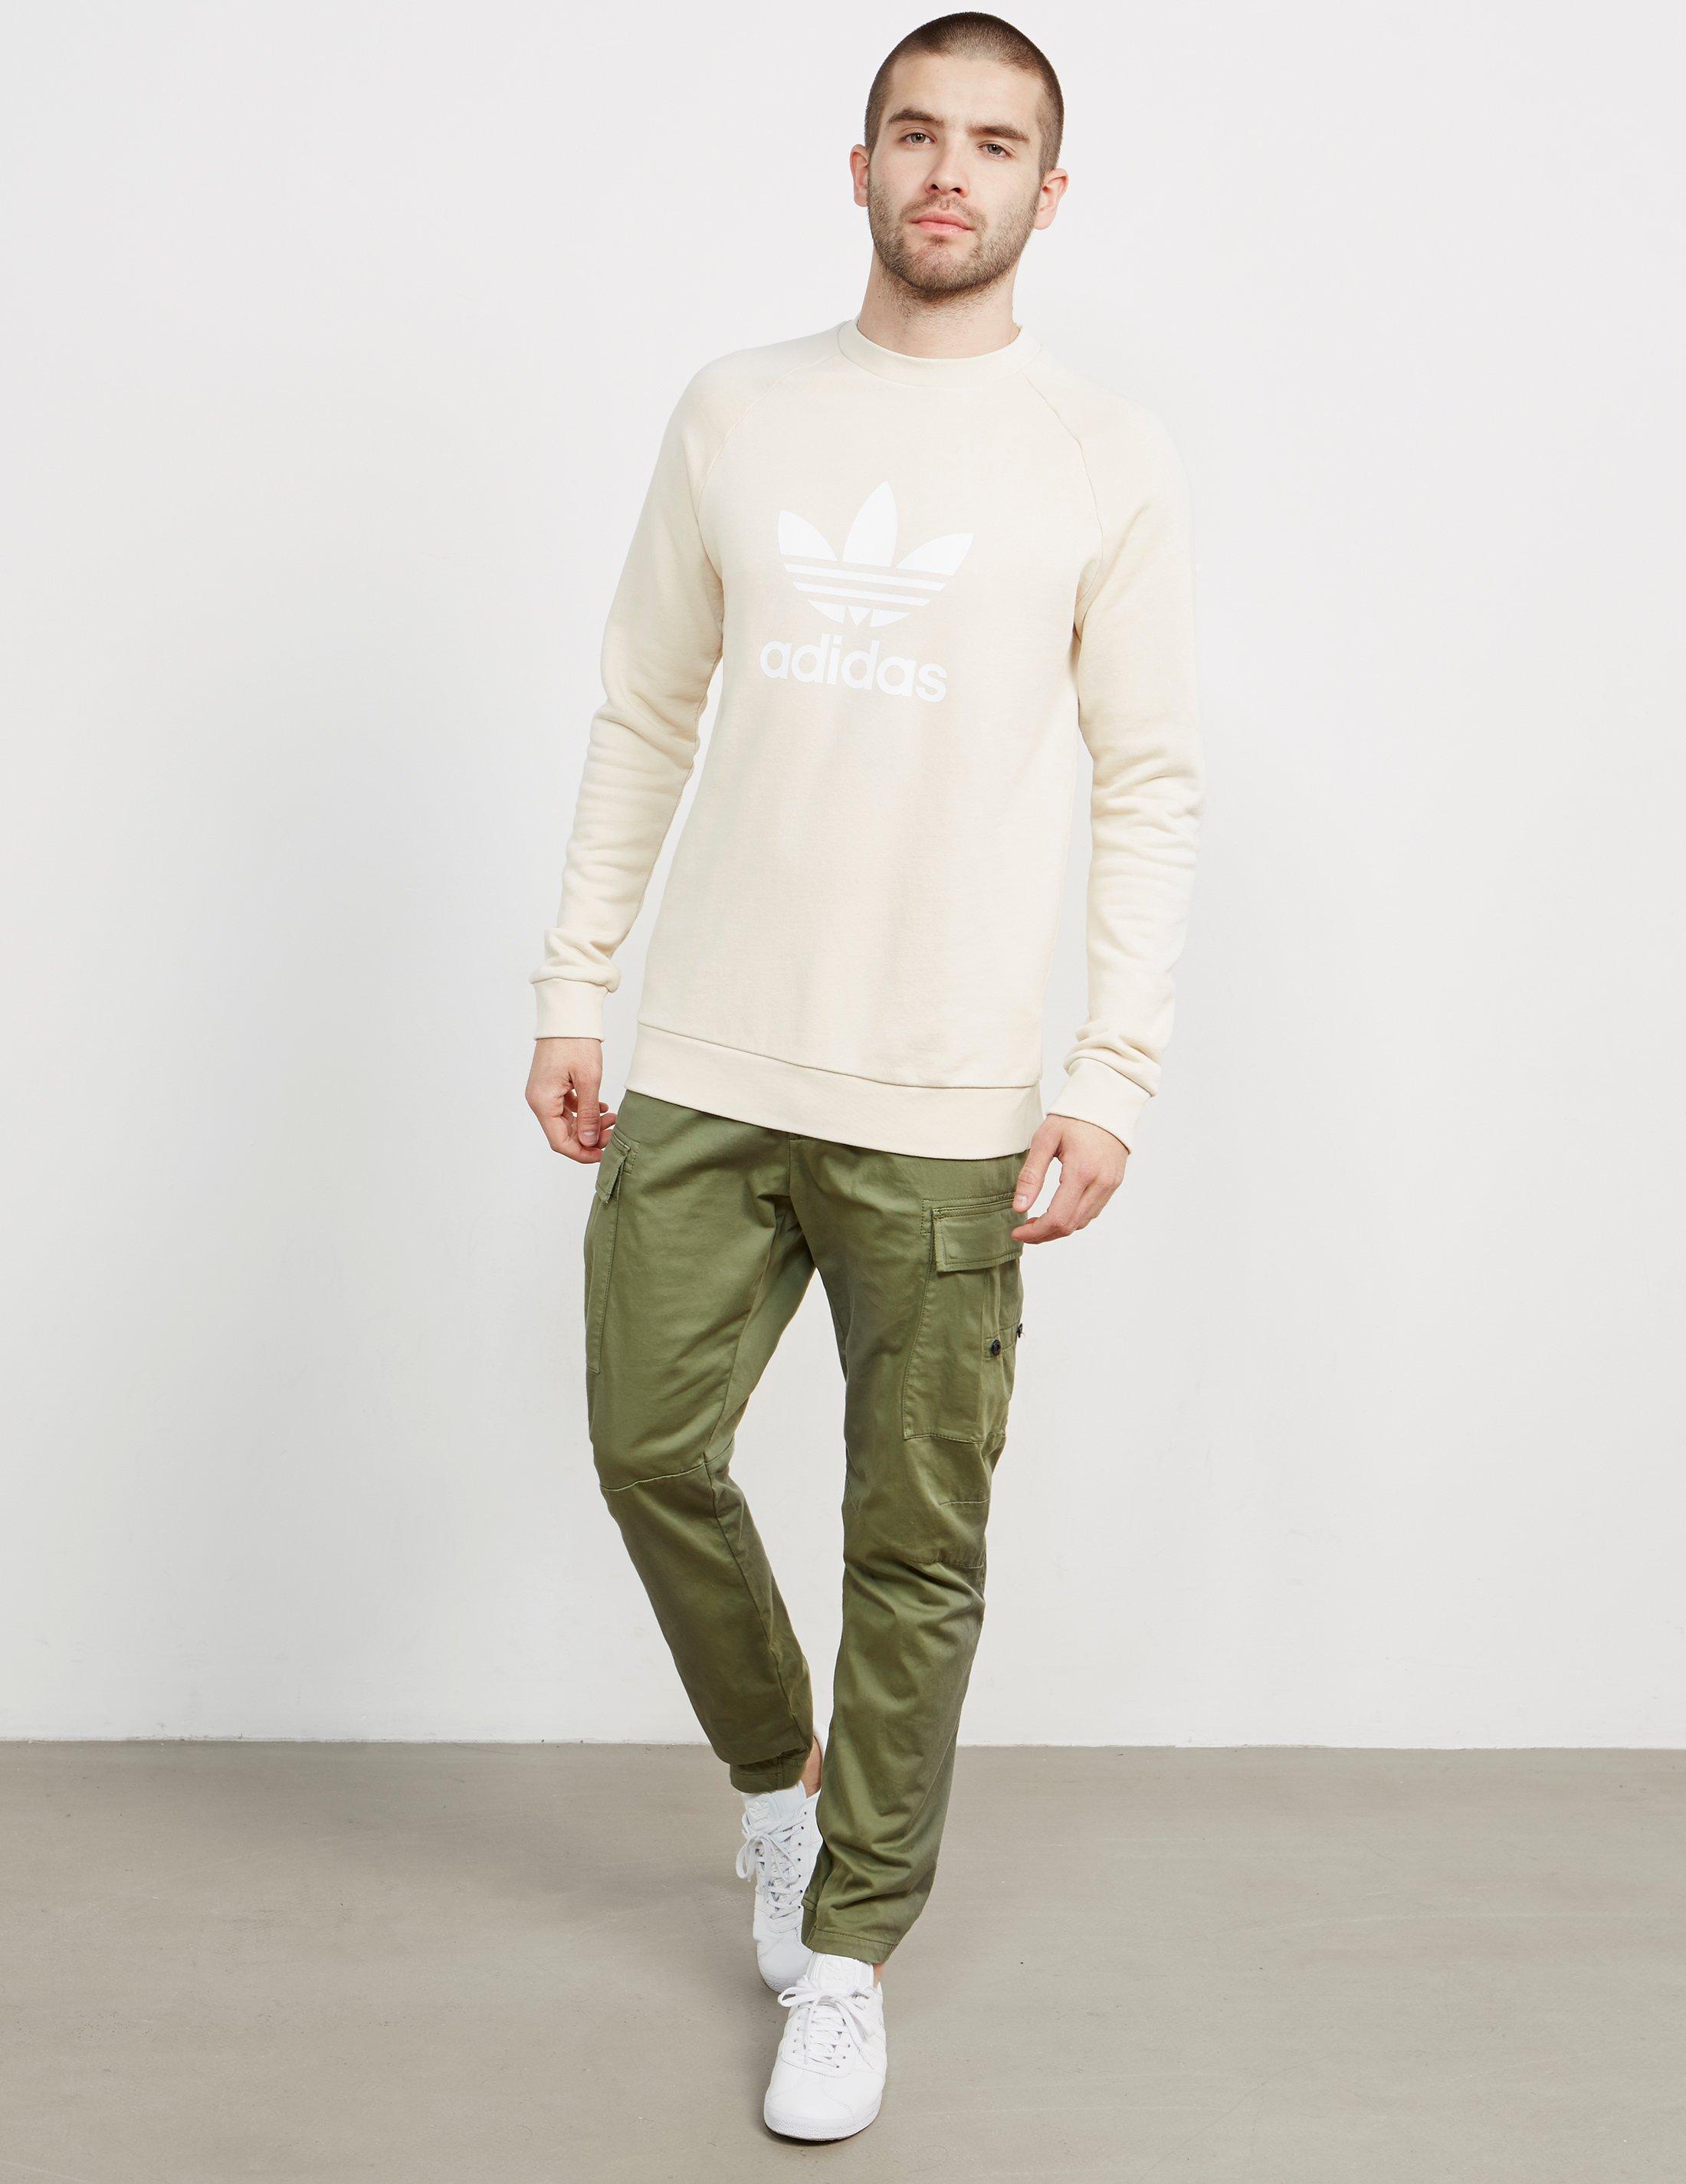 e17af9dfac75 Lyst - Adidas Originals Mens Trefoil Crew Sweatshirt Linen for Men